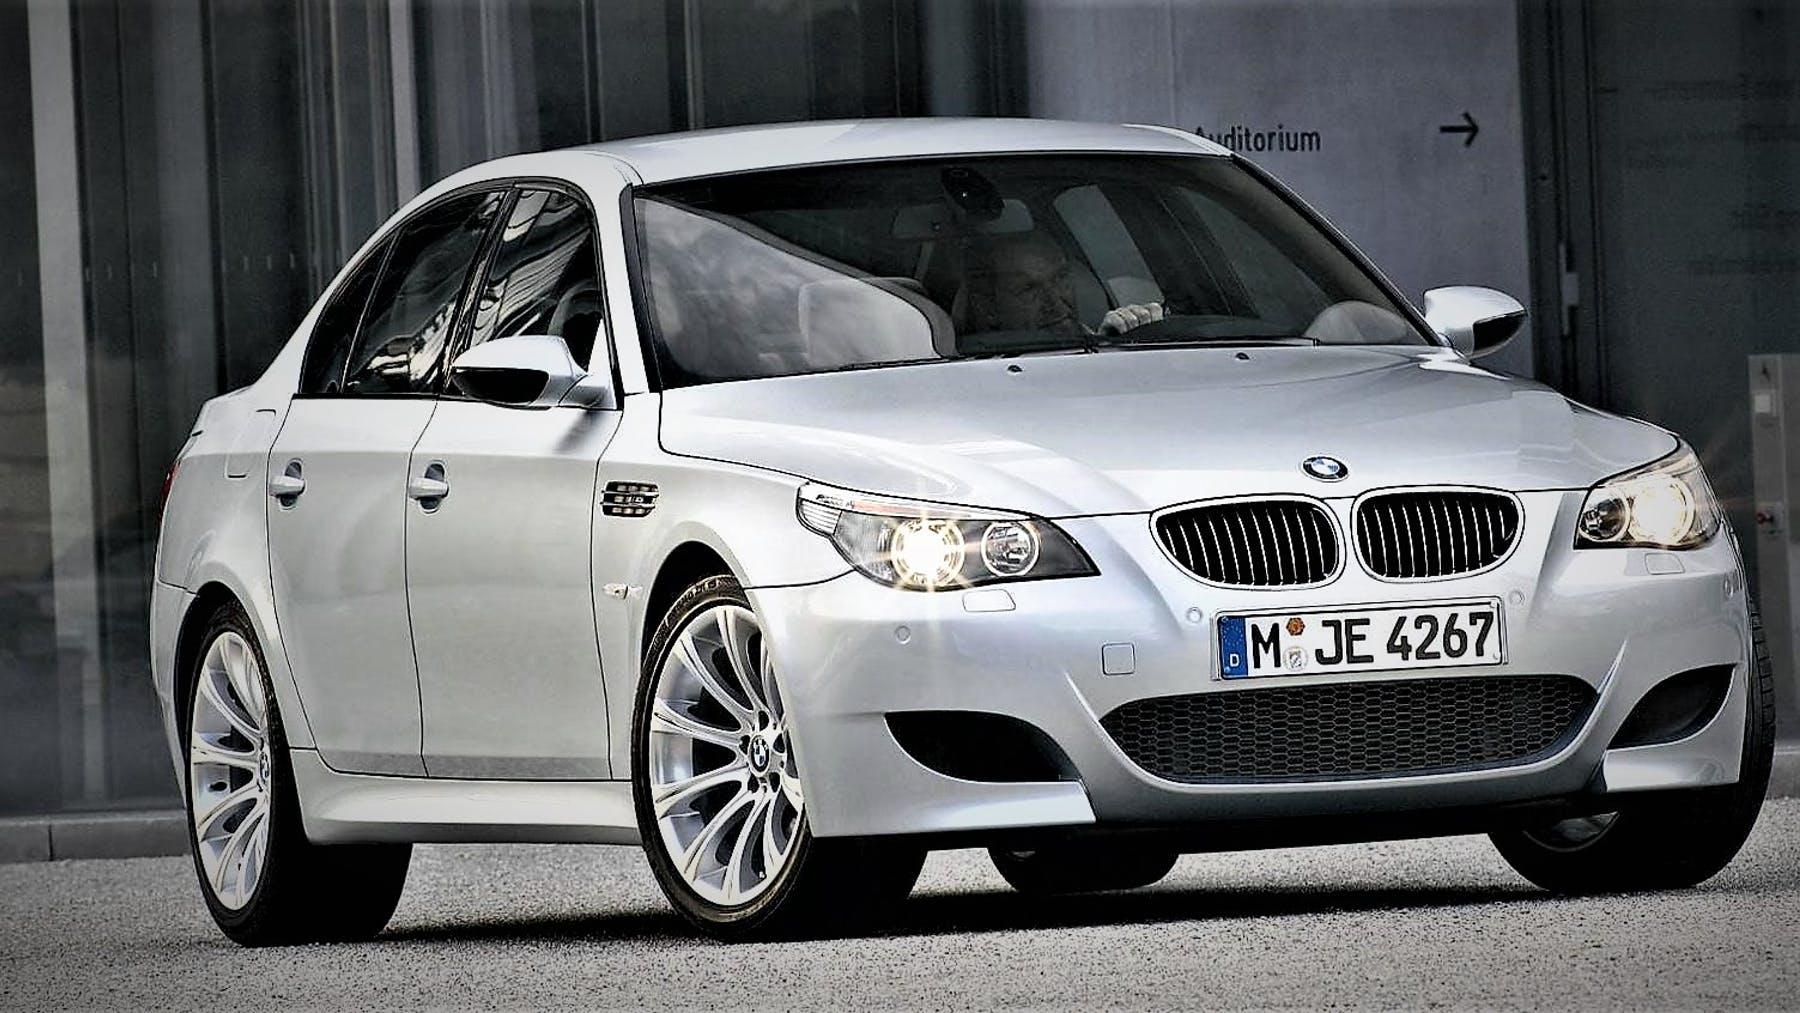 BMW-M5-E60-1